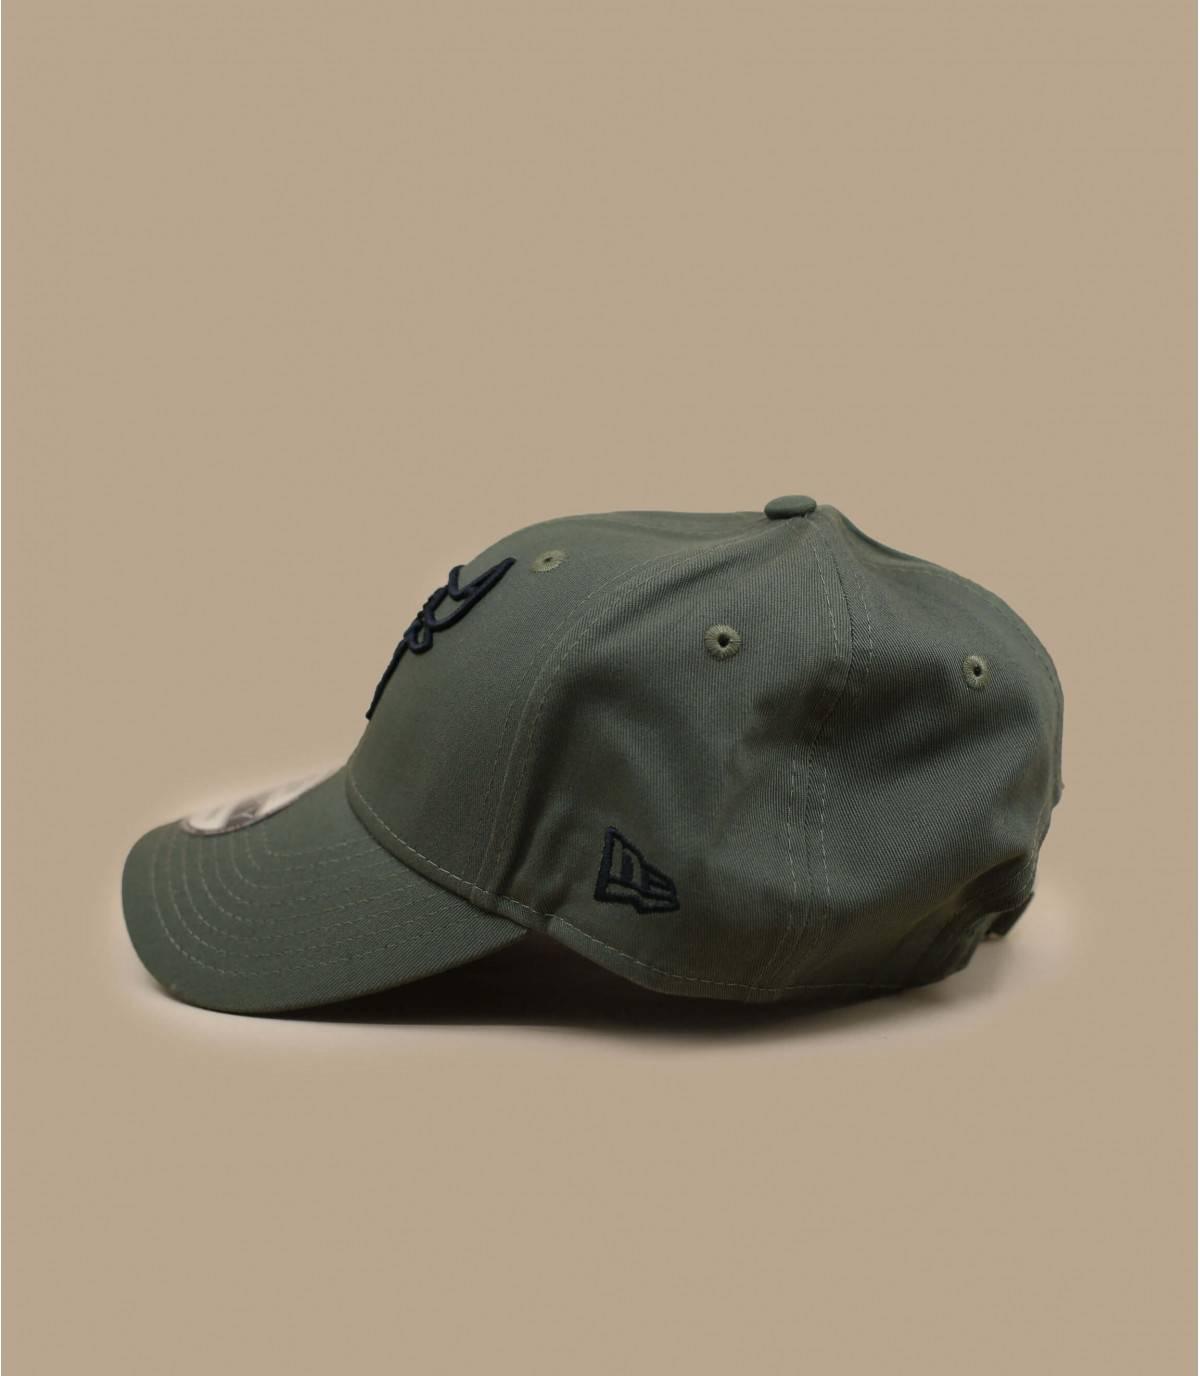 olive-green Bulls cap